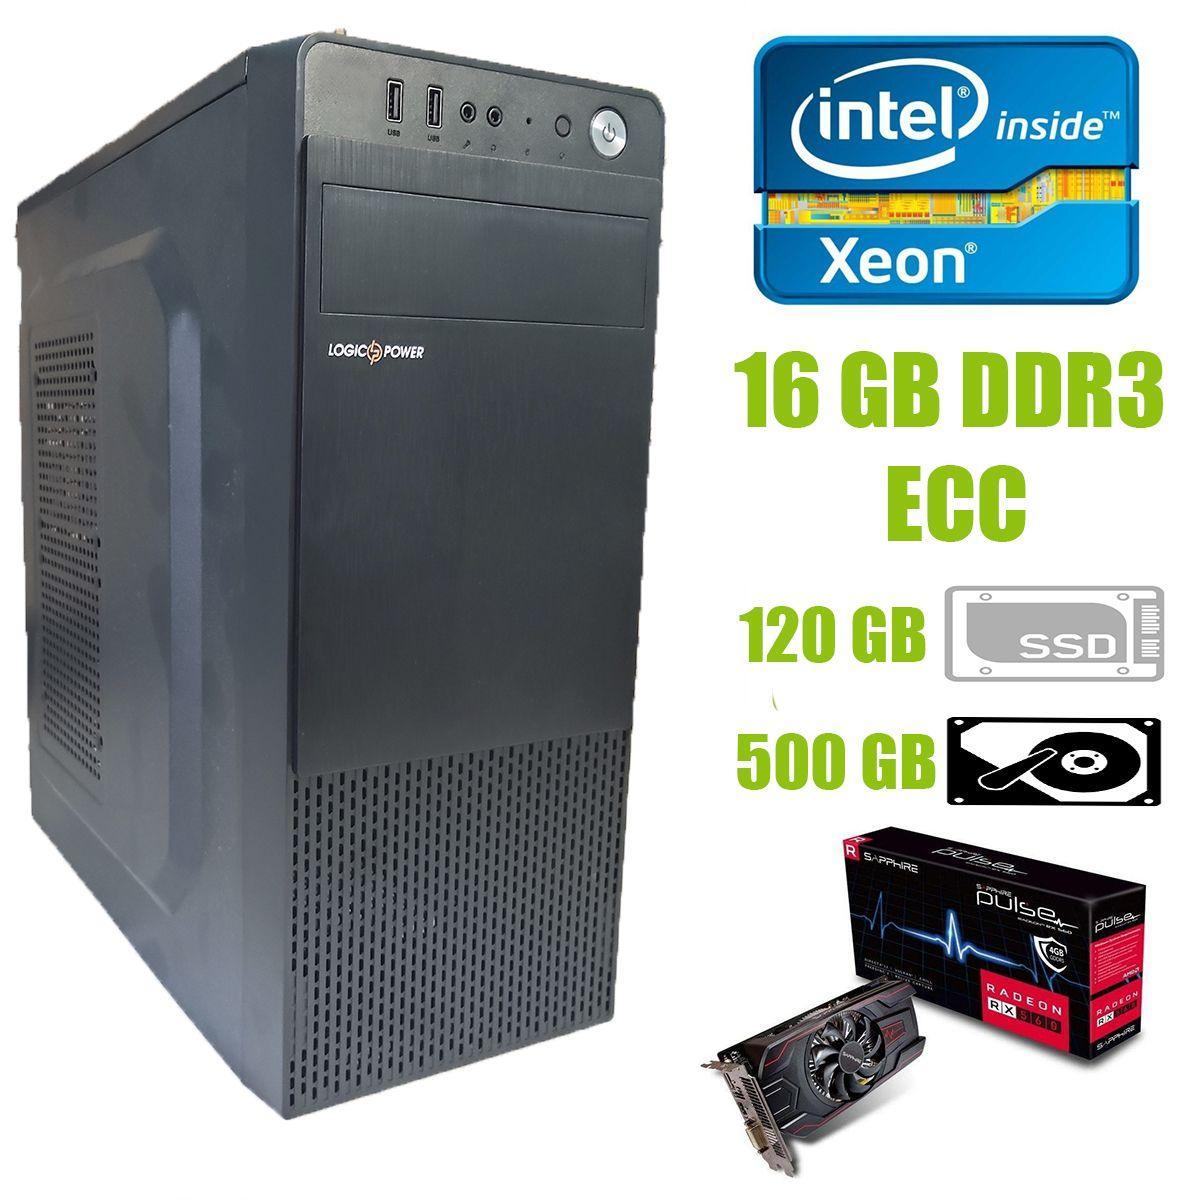 Logic Power LP2008 ATX / Intel Xeon E5-2440 (6 (12) ядер по 2.4-2.9 GHz) / 16 GB DDR3 ECC / new 120 GB SSD+500 GB HDD / AMD Radeon RX 560 4GB GDDR5